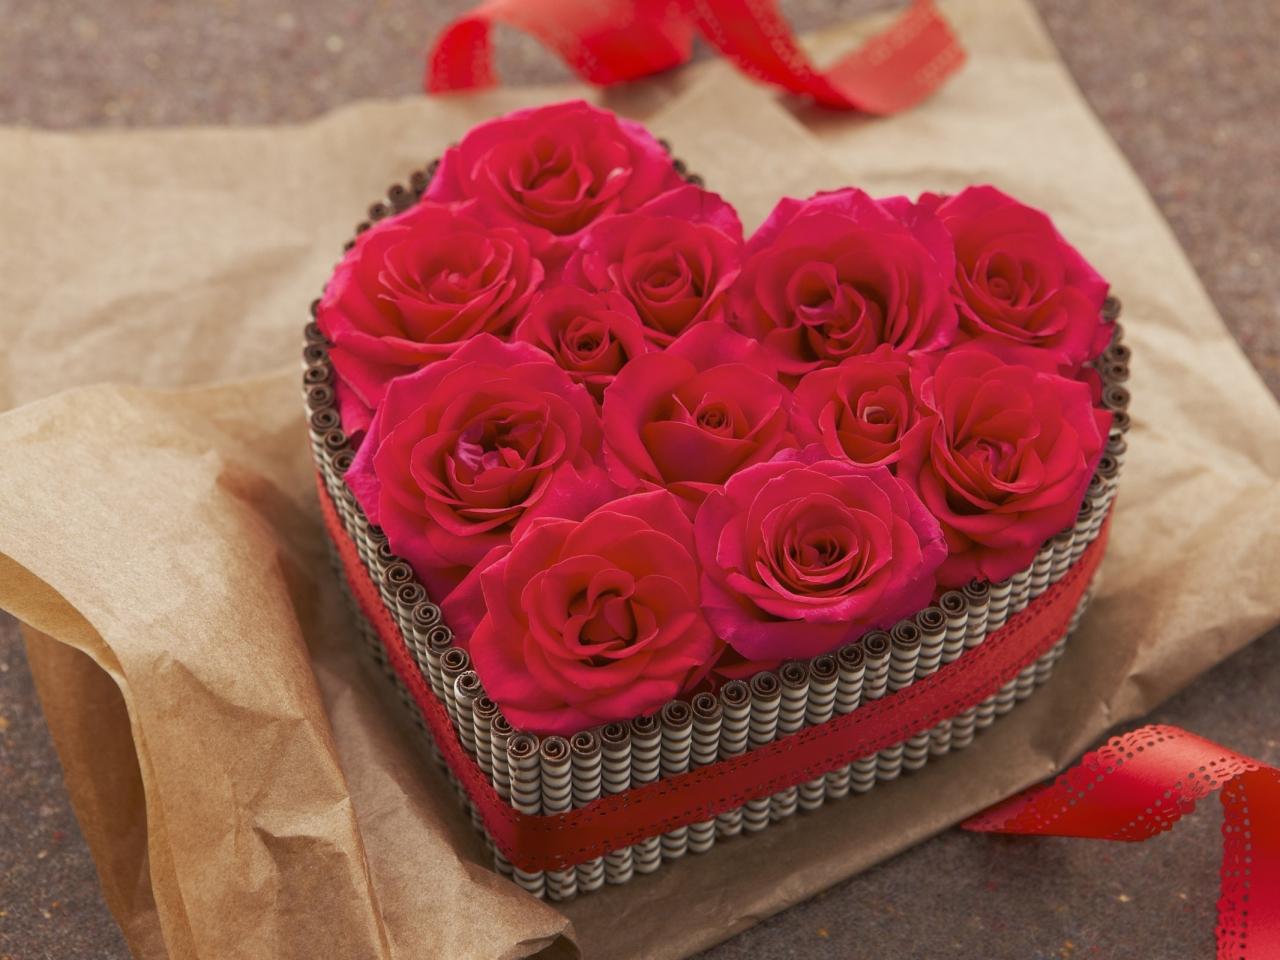 Regalo de rosas y corazones - 1280x960